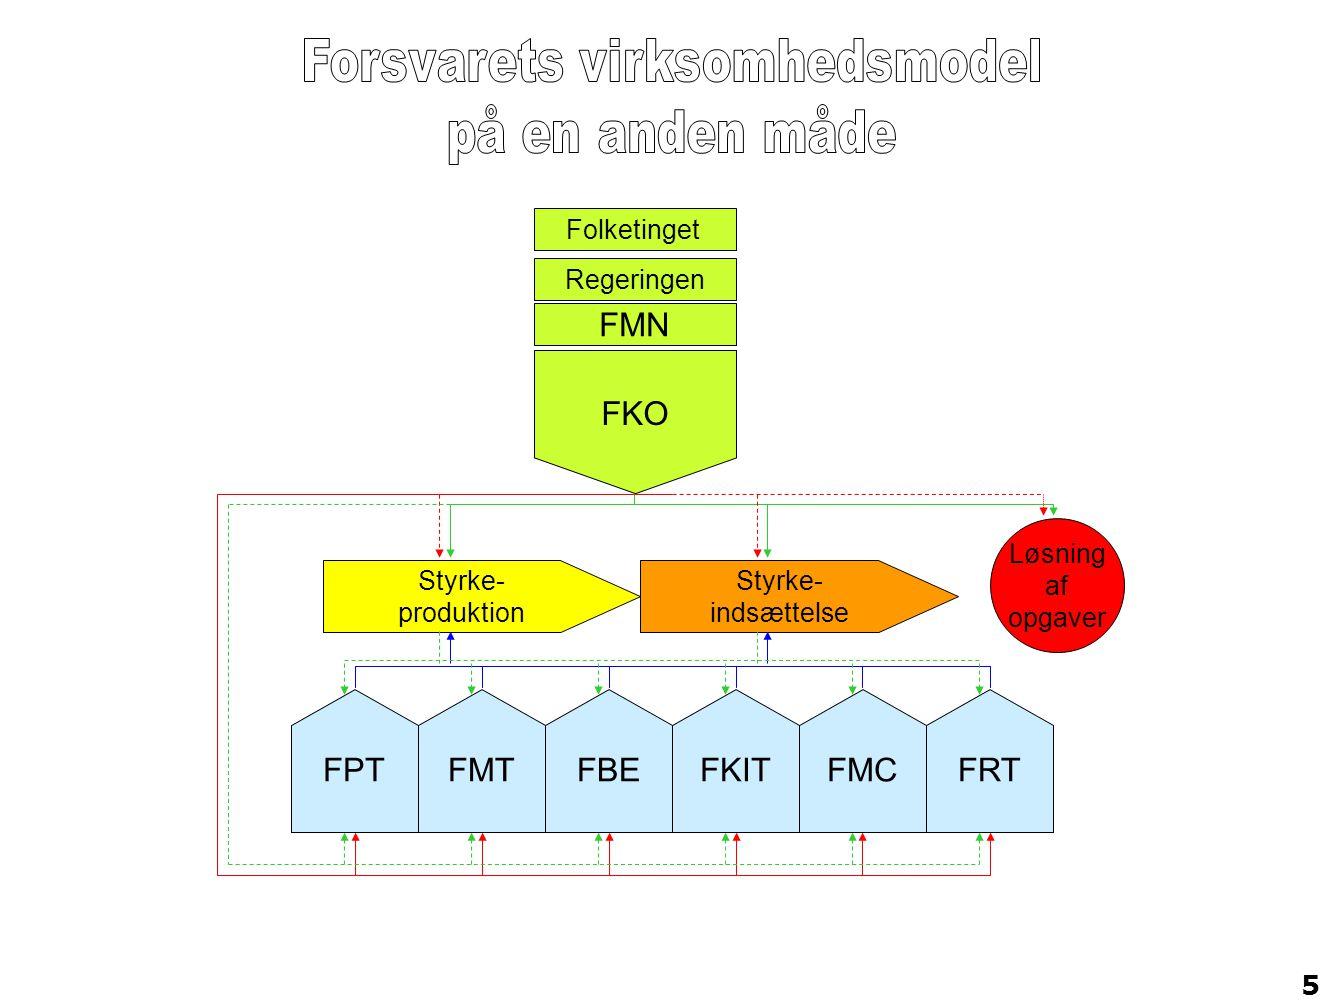 Forsvarets virksomhedsmodel